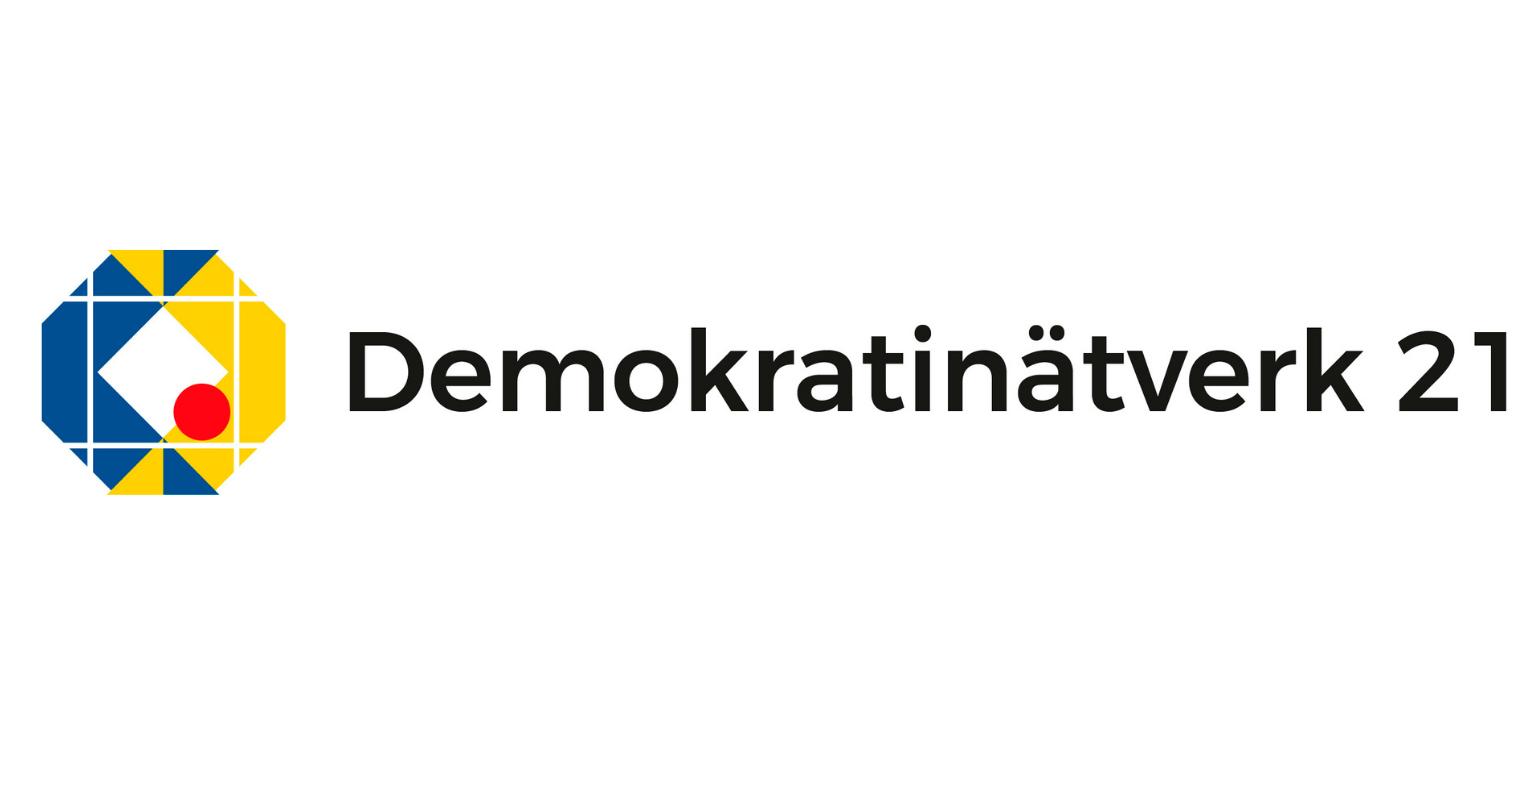 Demokratinätverk 21-projekt lanseras i samband med utdelningen av Anders Chydenius-priset